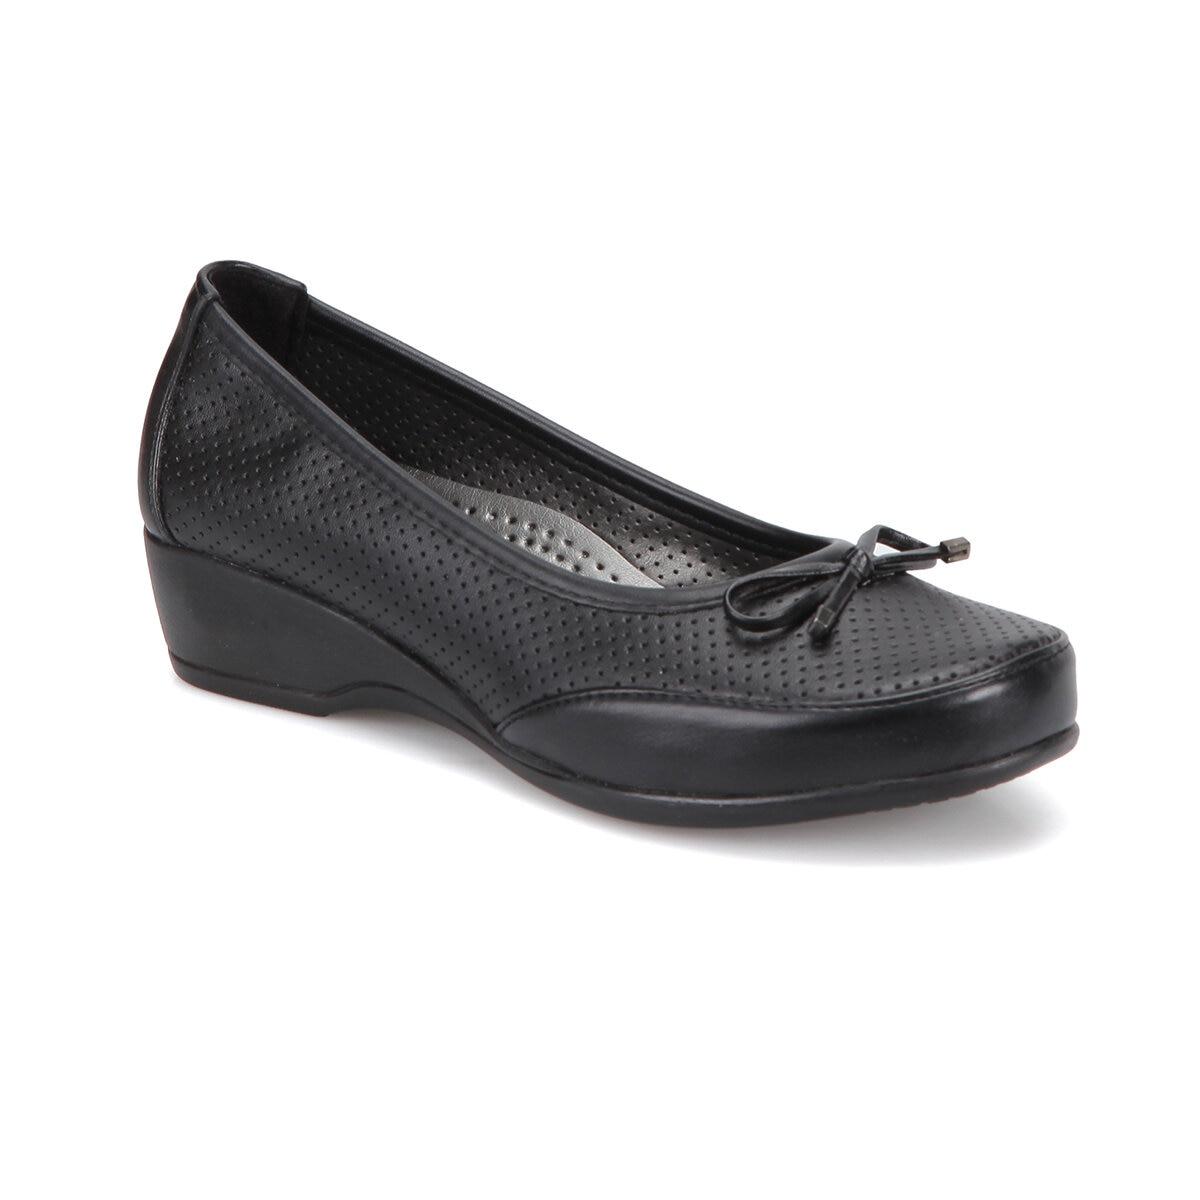 FLO 71.156557.Z Black Women 'S Classic Shoes Polaris